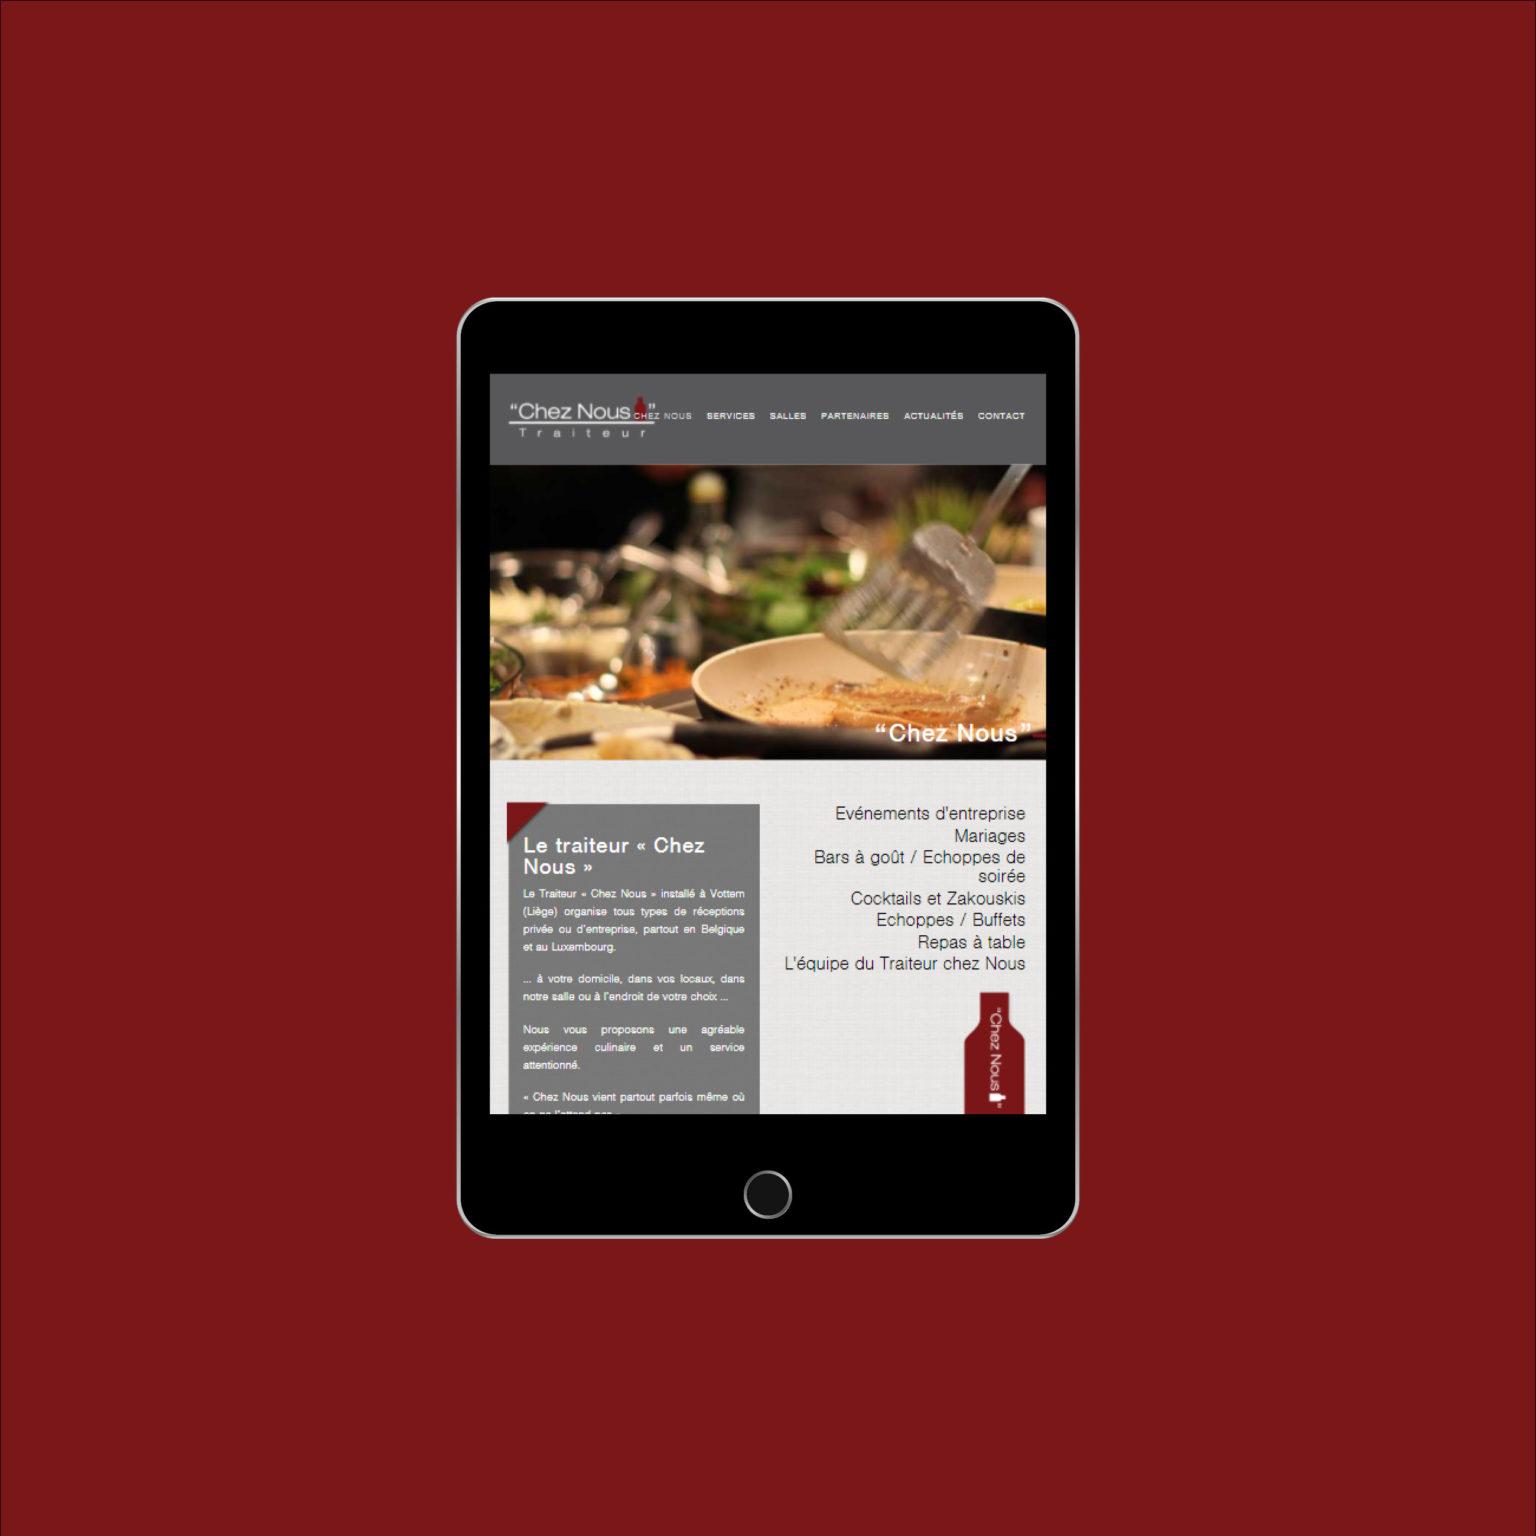 Miko Digital Agence web à Liège - Chez nous